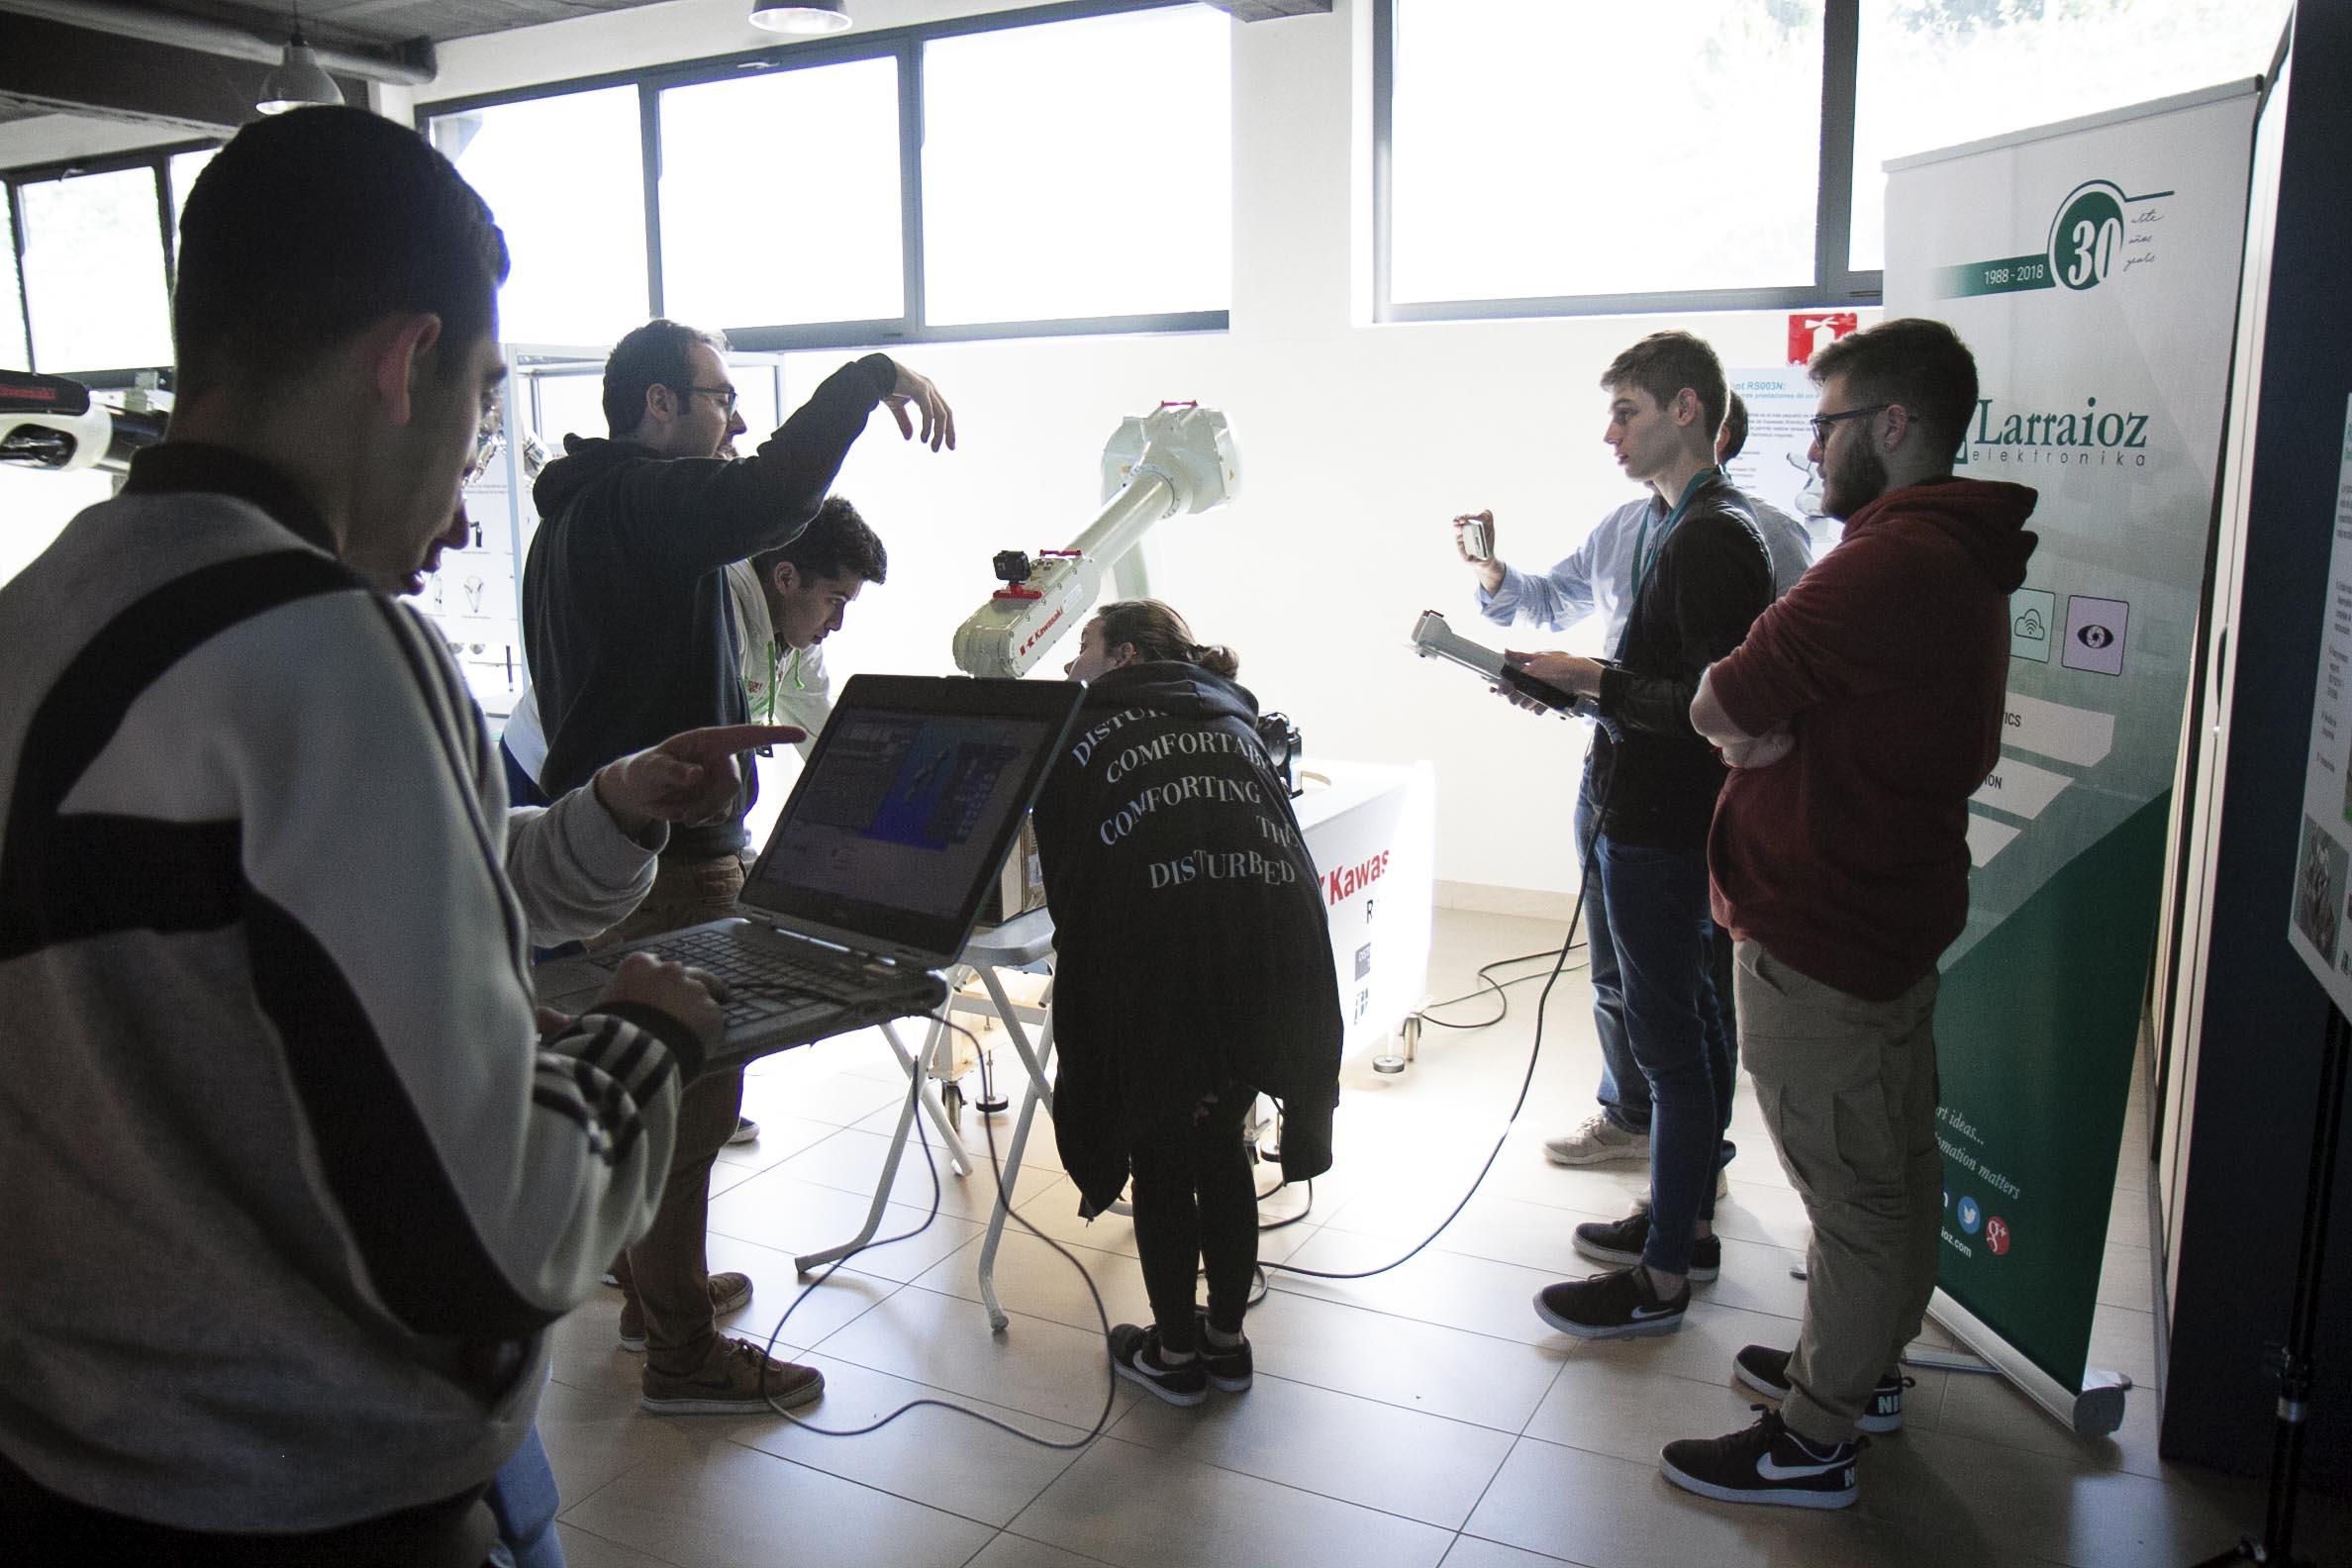 Curso de capacitación Larraioz y alumnos Instituto Huergo trabajando en equipo